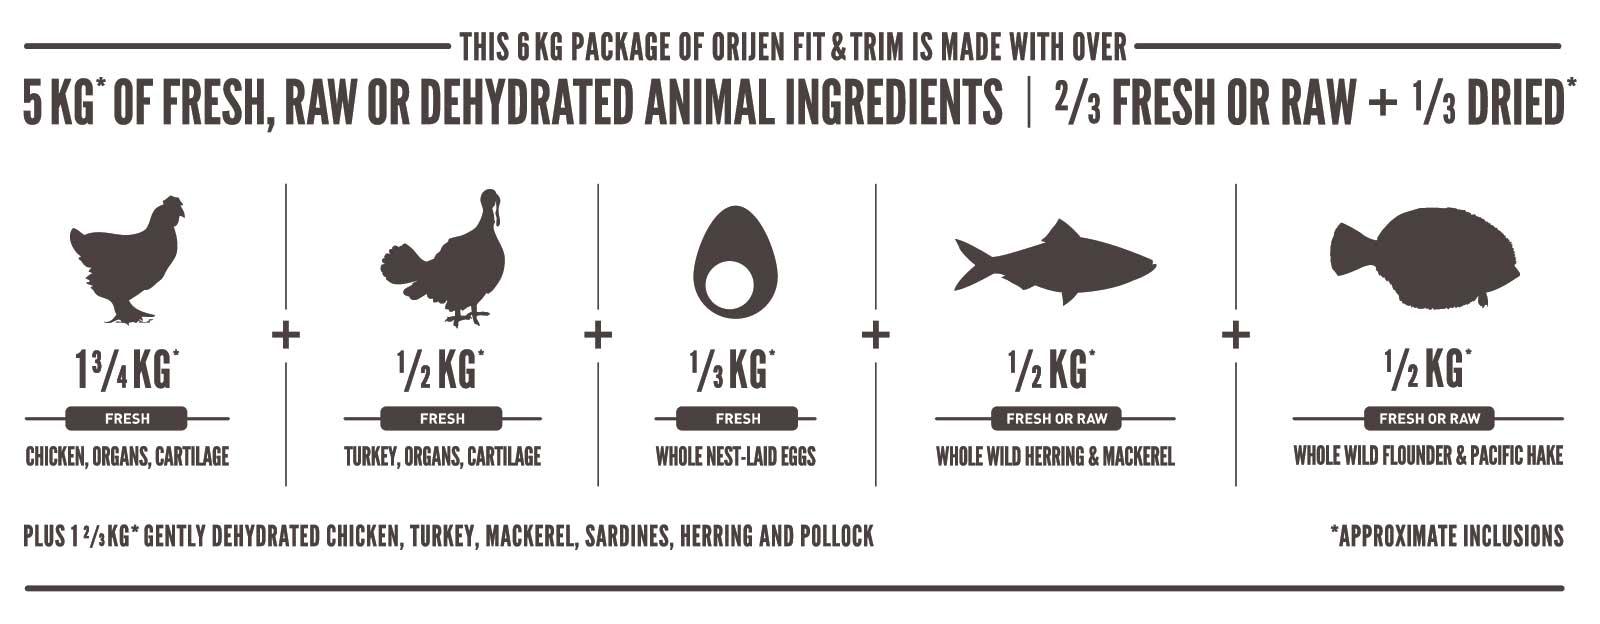 carnes y pescados que llevan 6kg de orijen fit